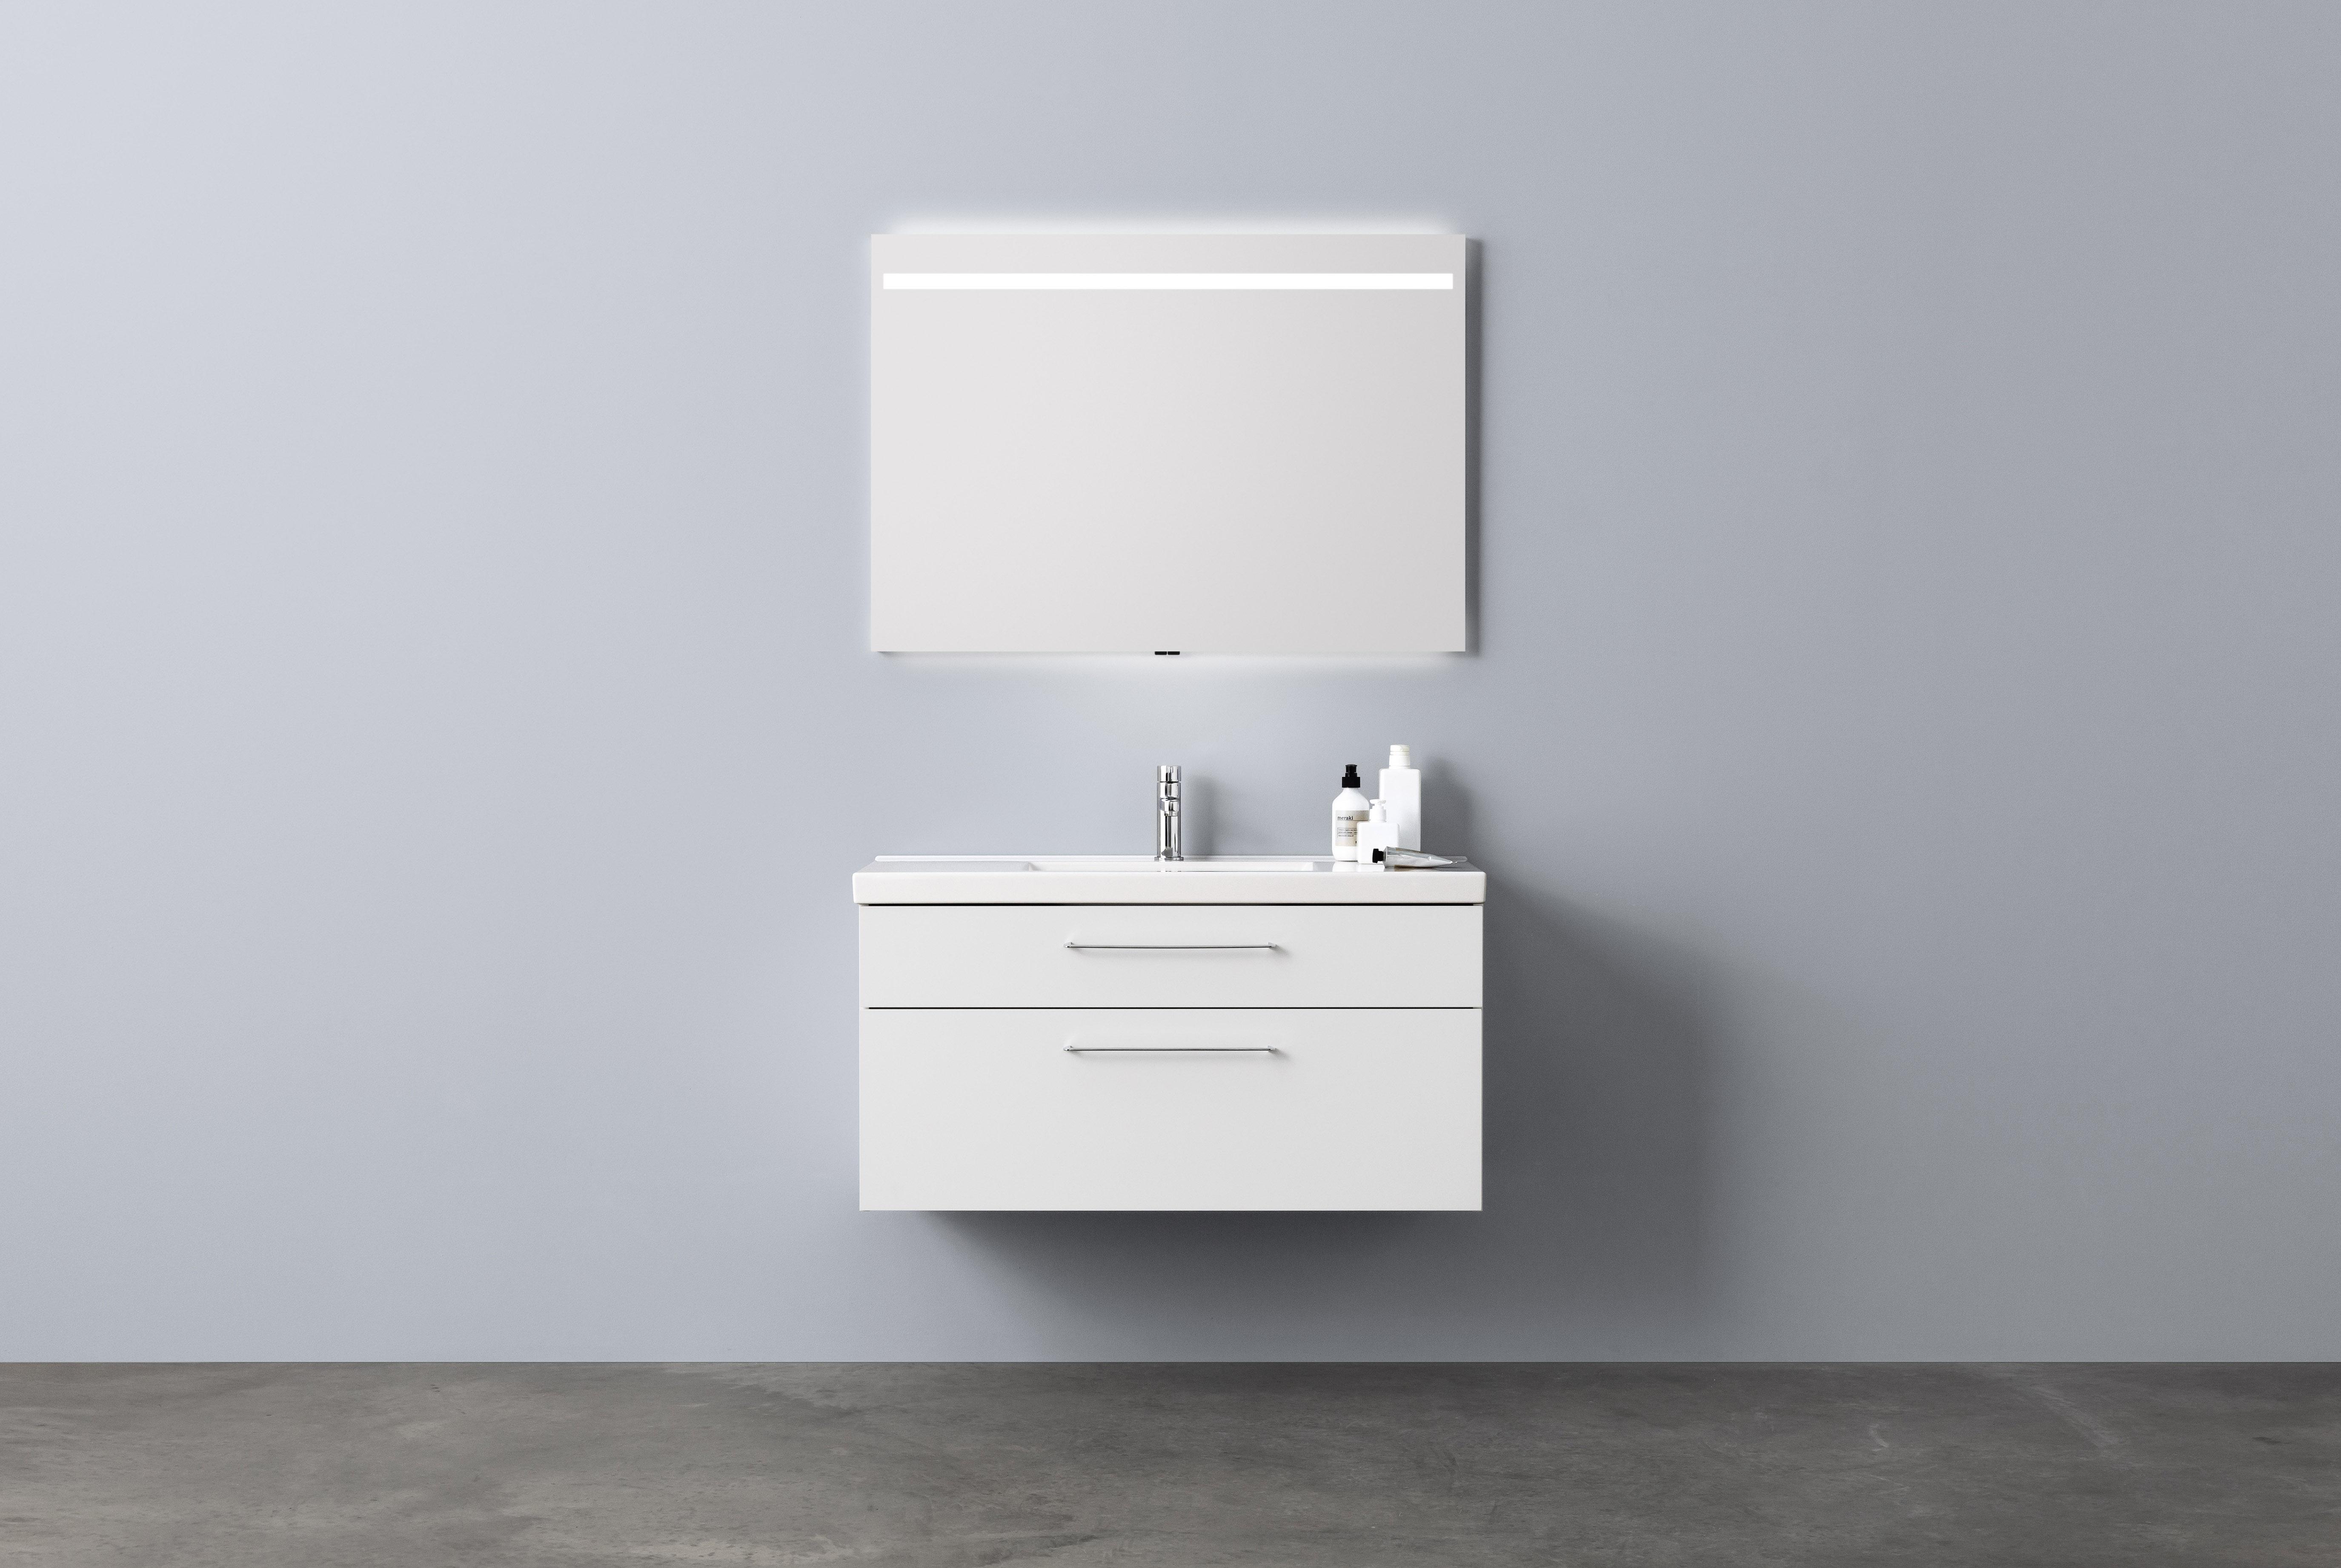 Badrumsmöbler Installation : A tvättställ ikonproduktsida